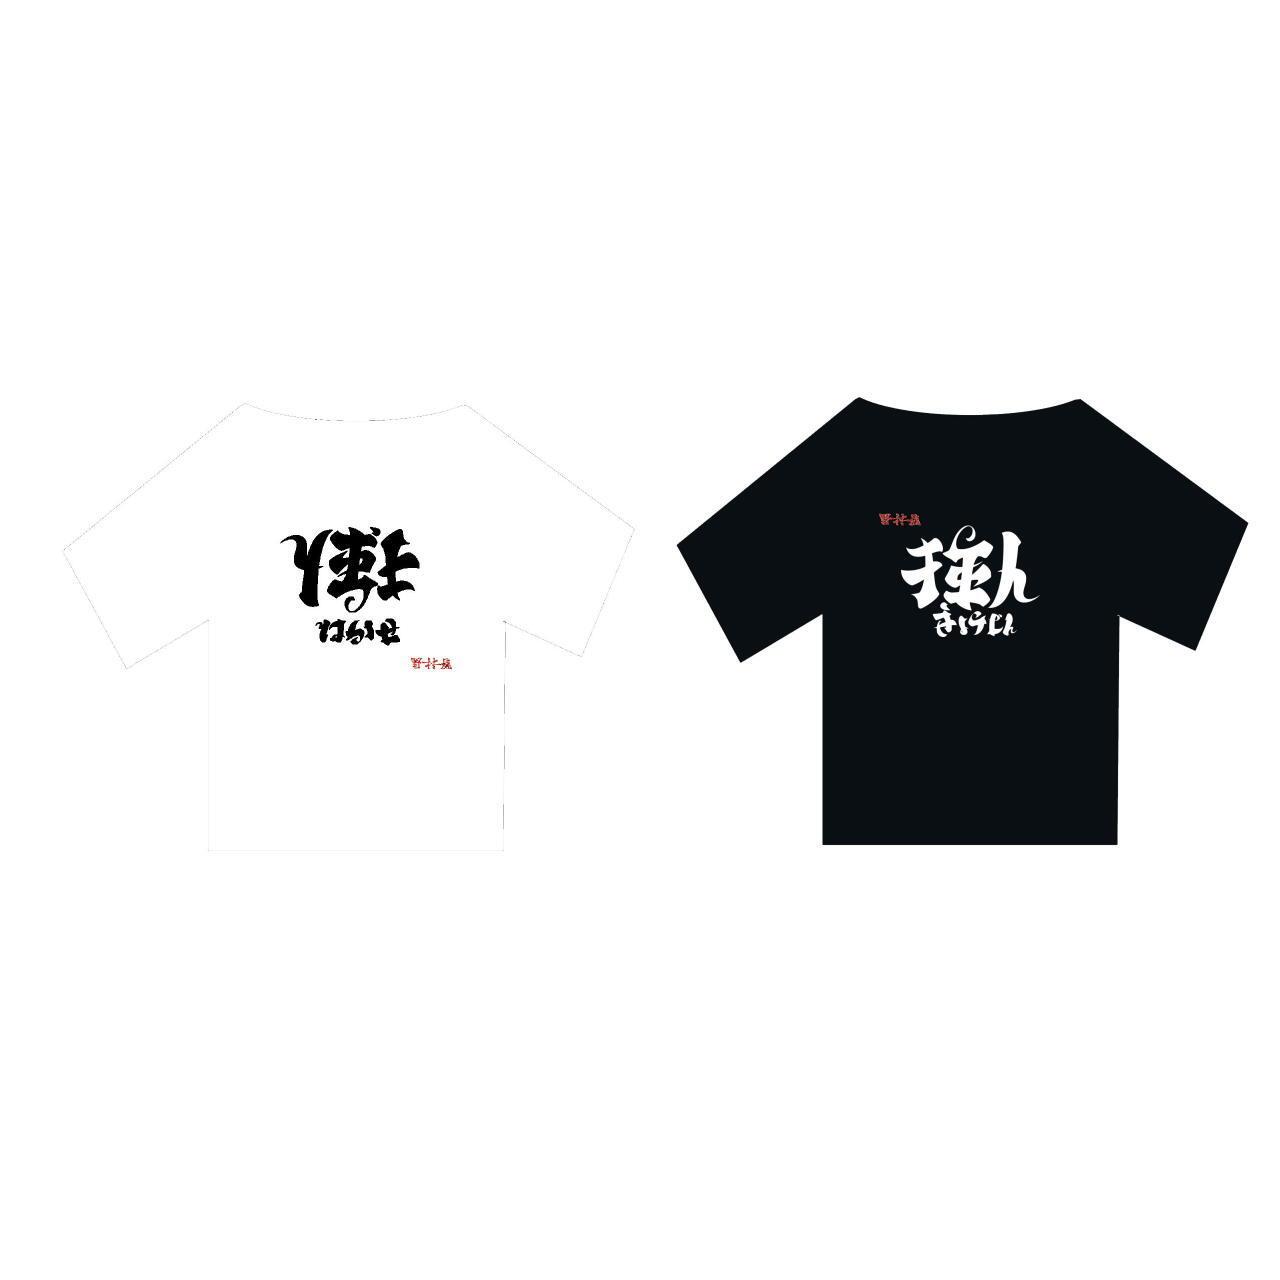 「博士⇔狂人」Tシャツ